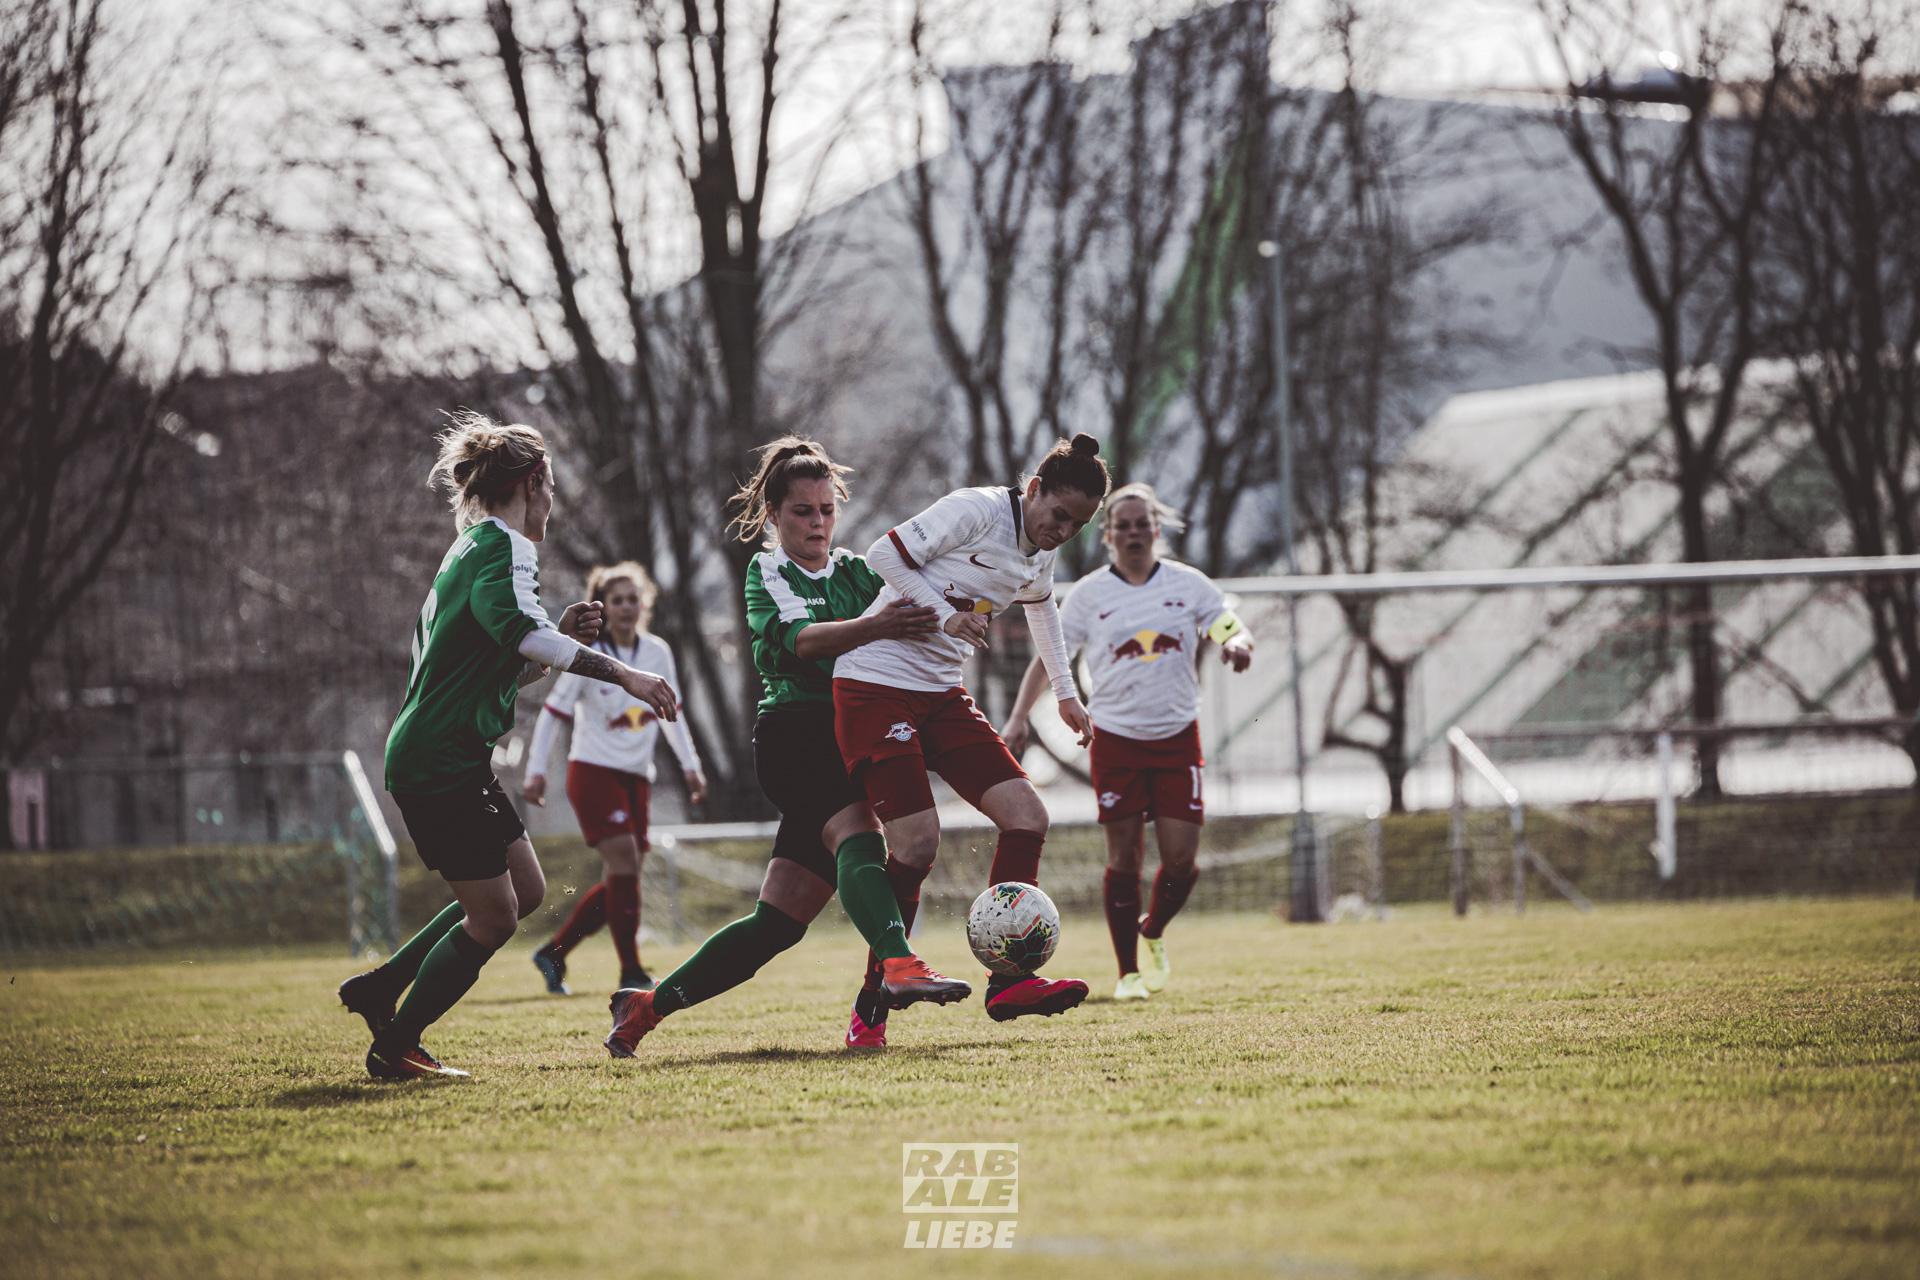 Regionalliga: RB Leipzig -vs- Eintracht Leipzig-Süd